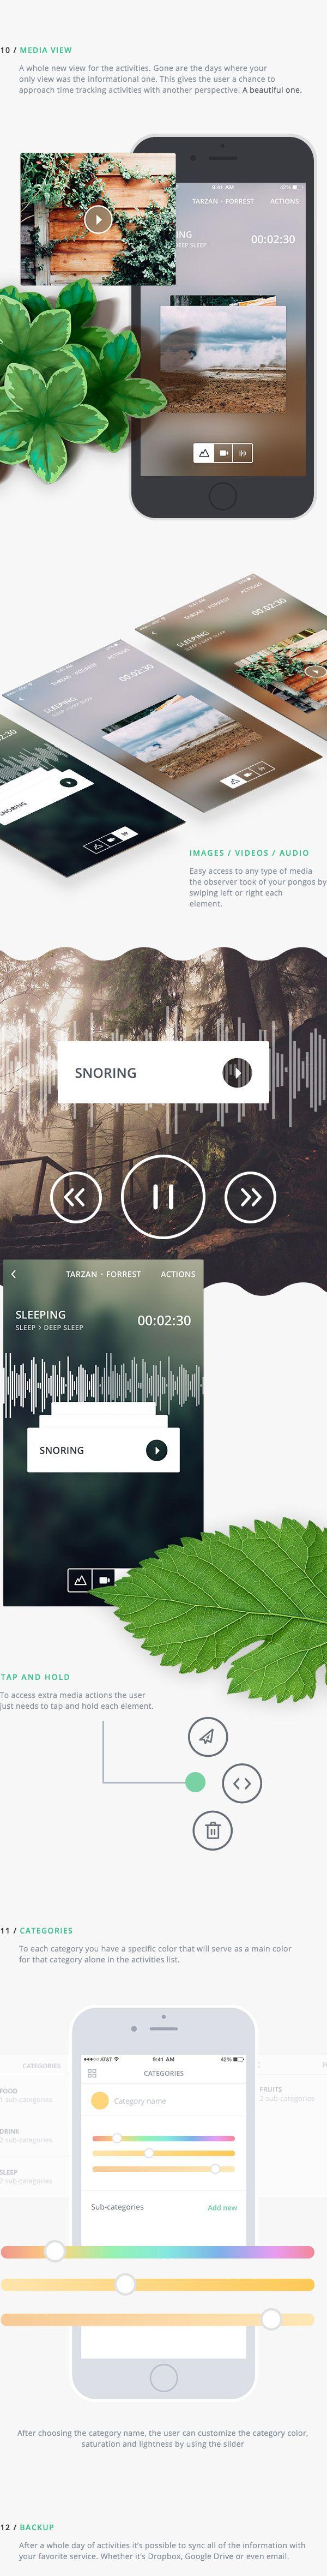 Pongo App on Behance